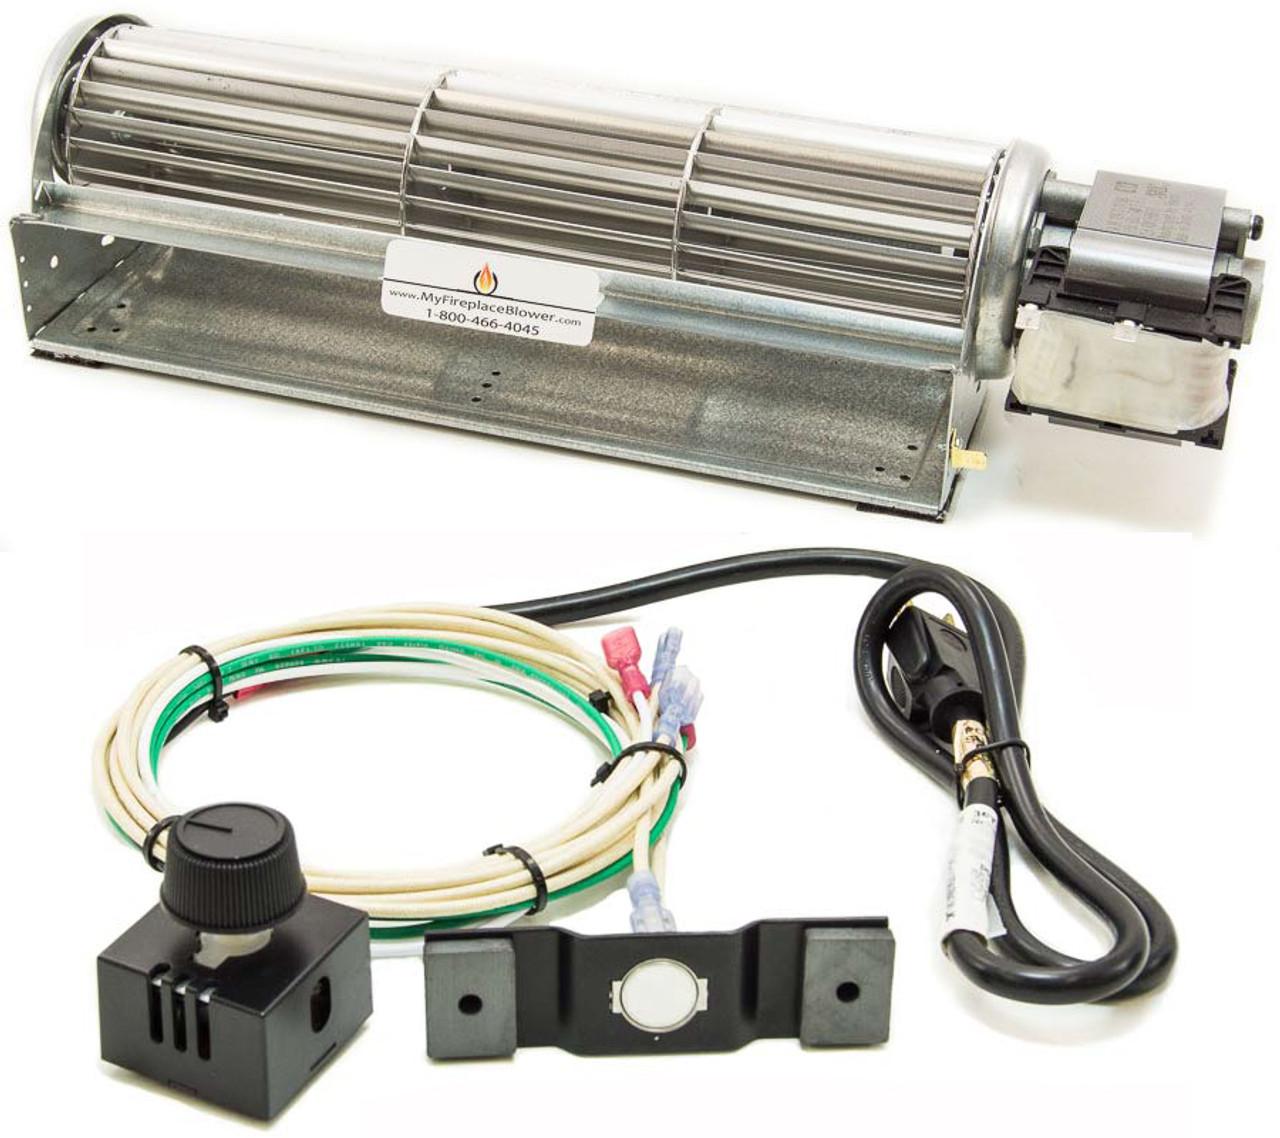 ga3700t fireplace blower fan kit for desa fireplaces rh myfireplaceblower com